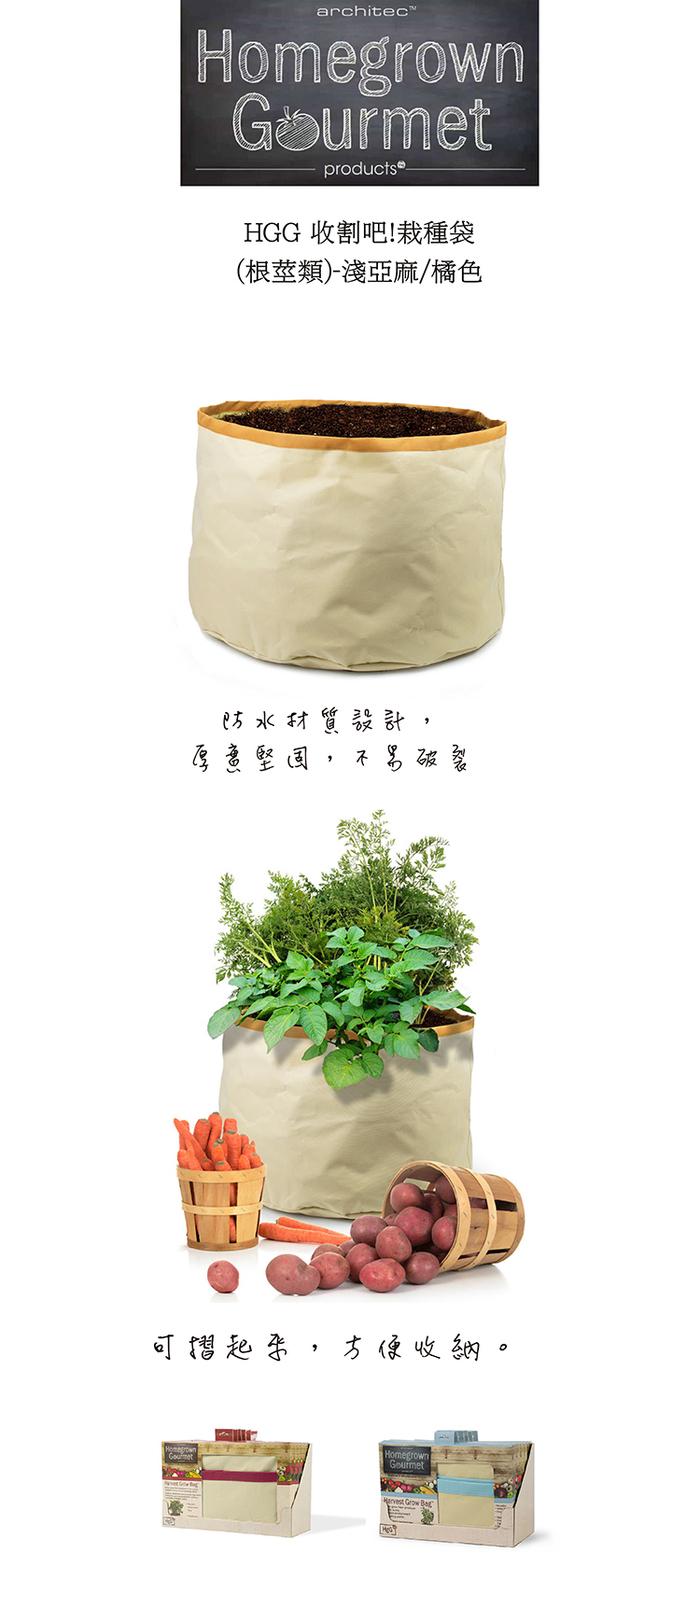 Architec| HGG 收割吧!栽種袋 (根莖類)-淺亞麻/橘色